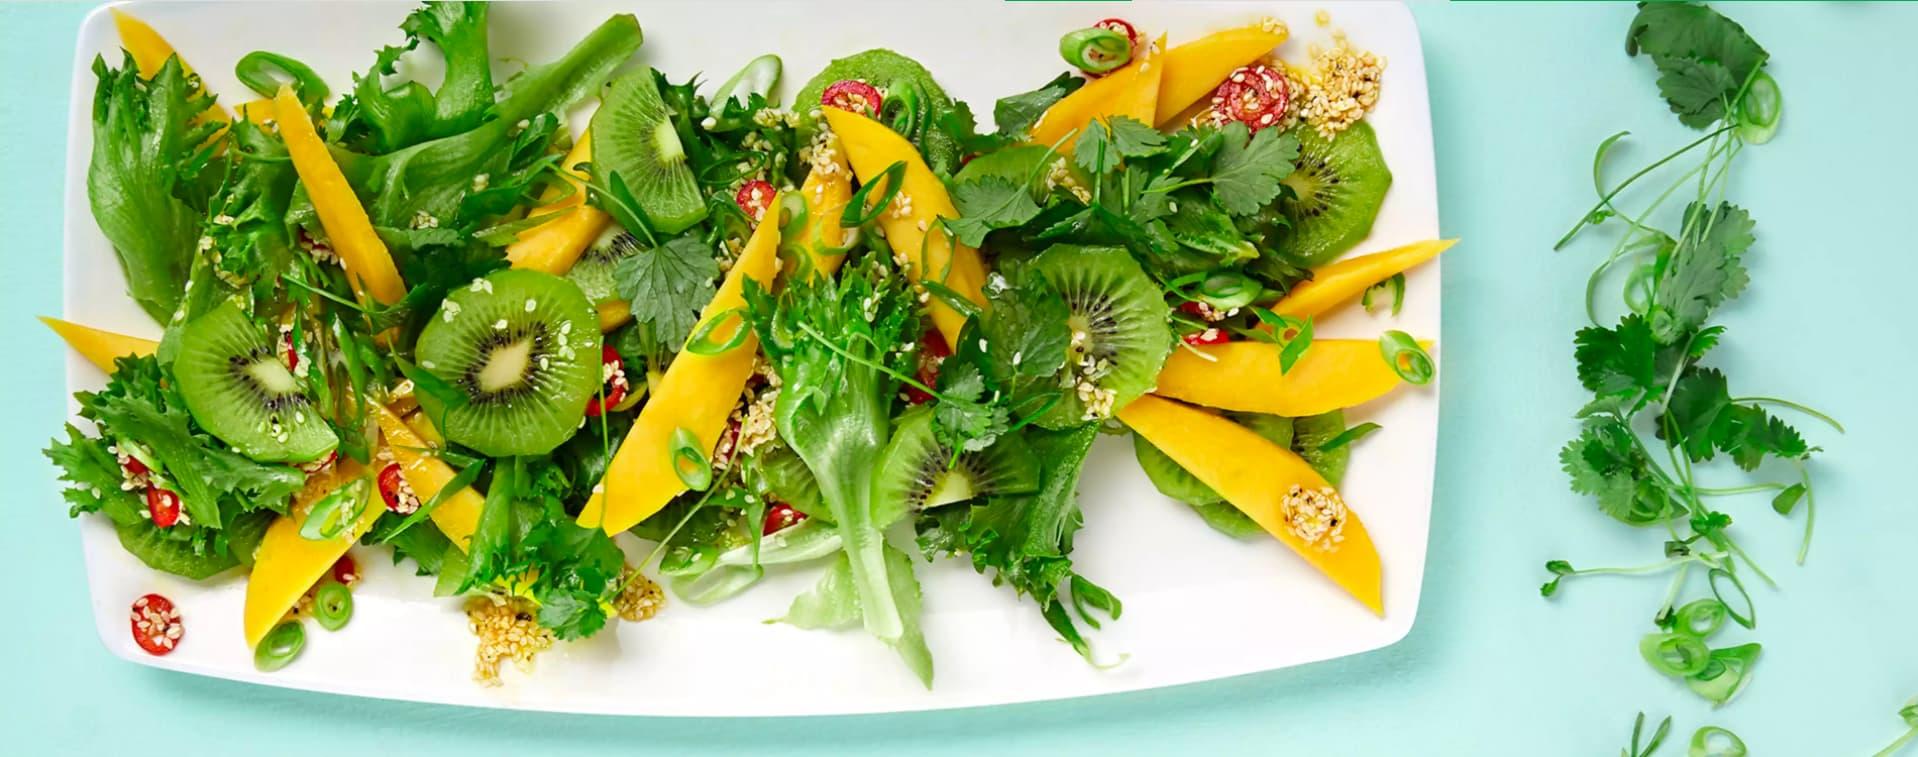 Mango- og kiwisalat med koriander og rød chili gir en ekstra boost til immunforsvaret.